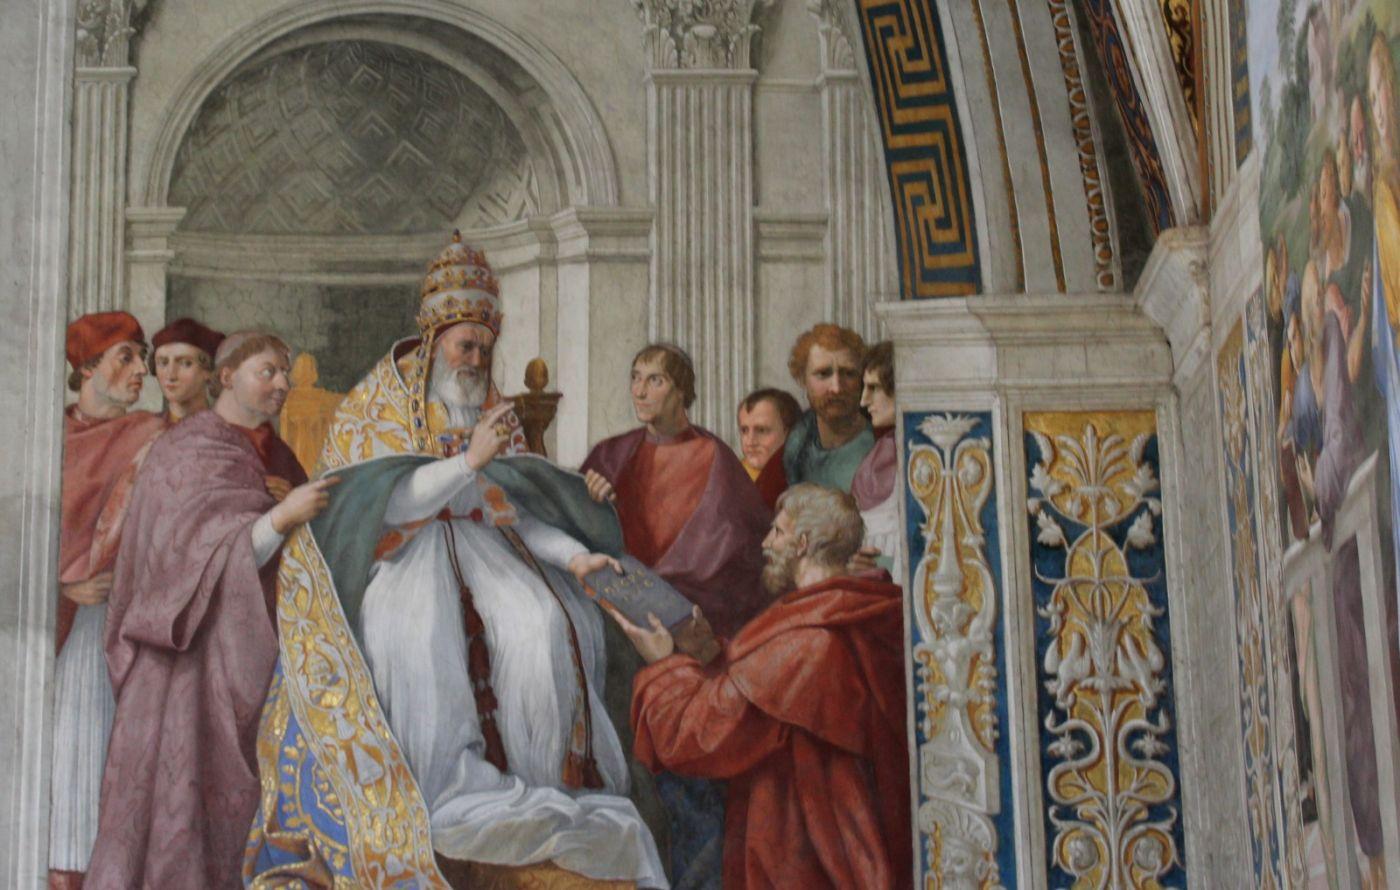 上帝之城:梵蒂冈印象_图1-23